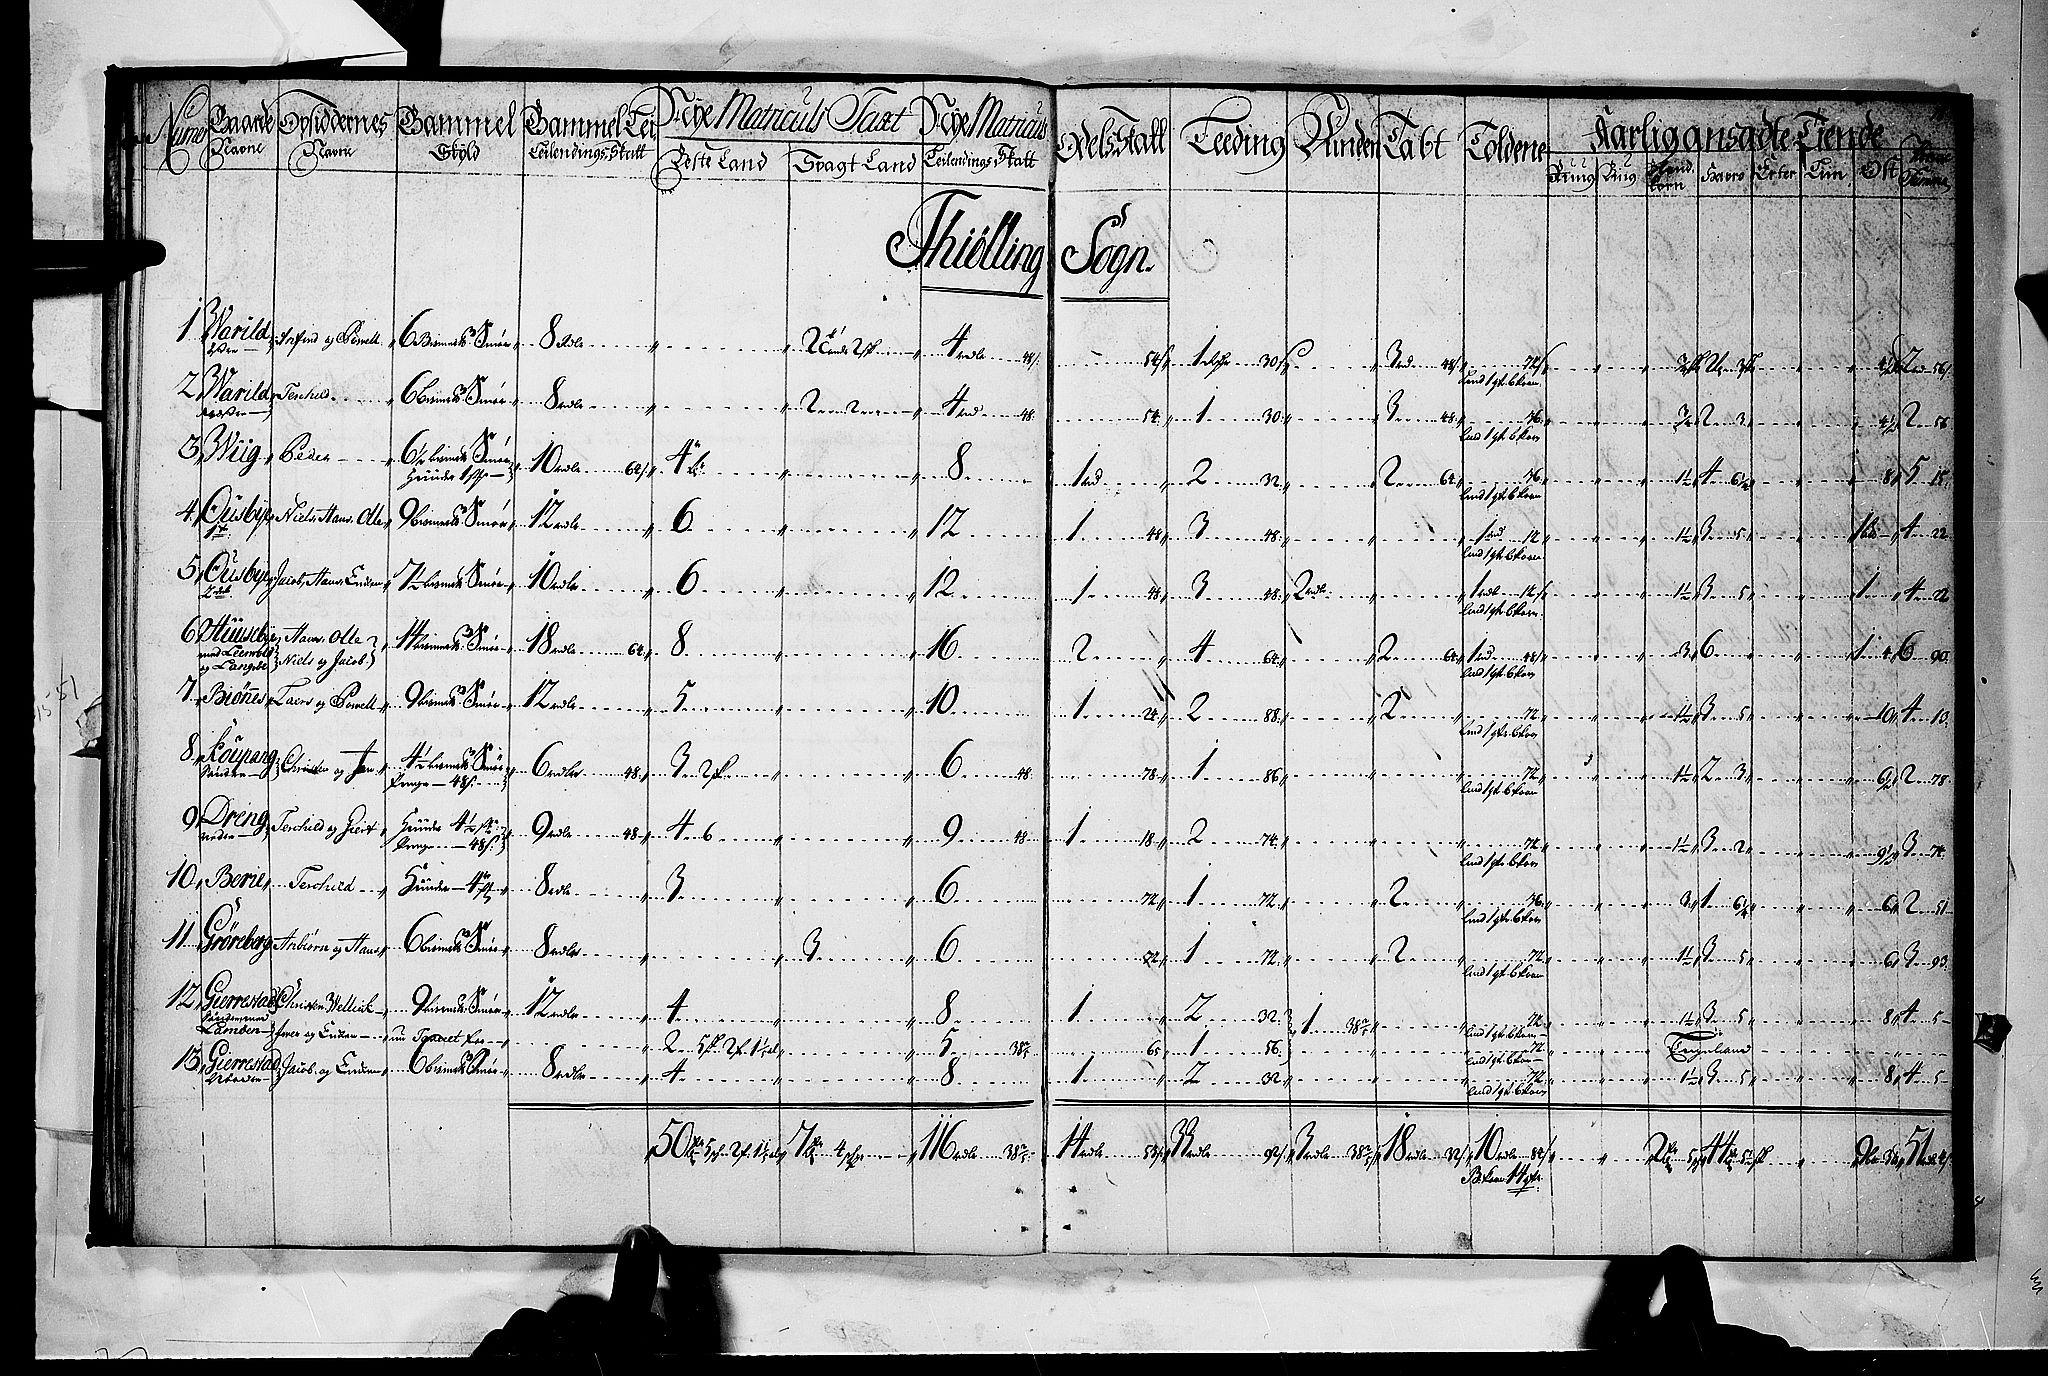 RA, Rentekammeret inntil 1814, Realistisk ordnet avdeling, N/Nb/Nbf/L0118: Larvik grevskap matrikkelprotokoll, 1723, s. 17b-18a